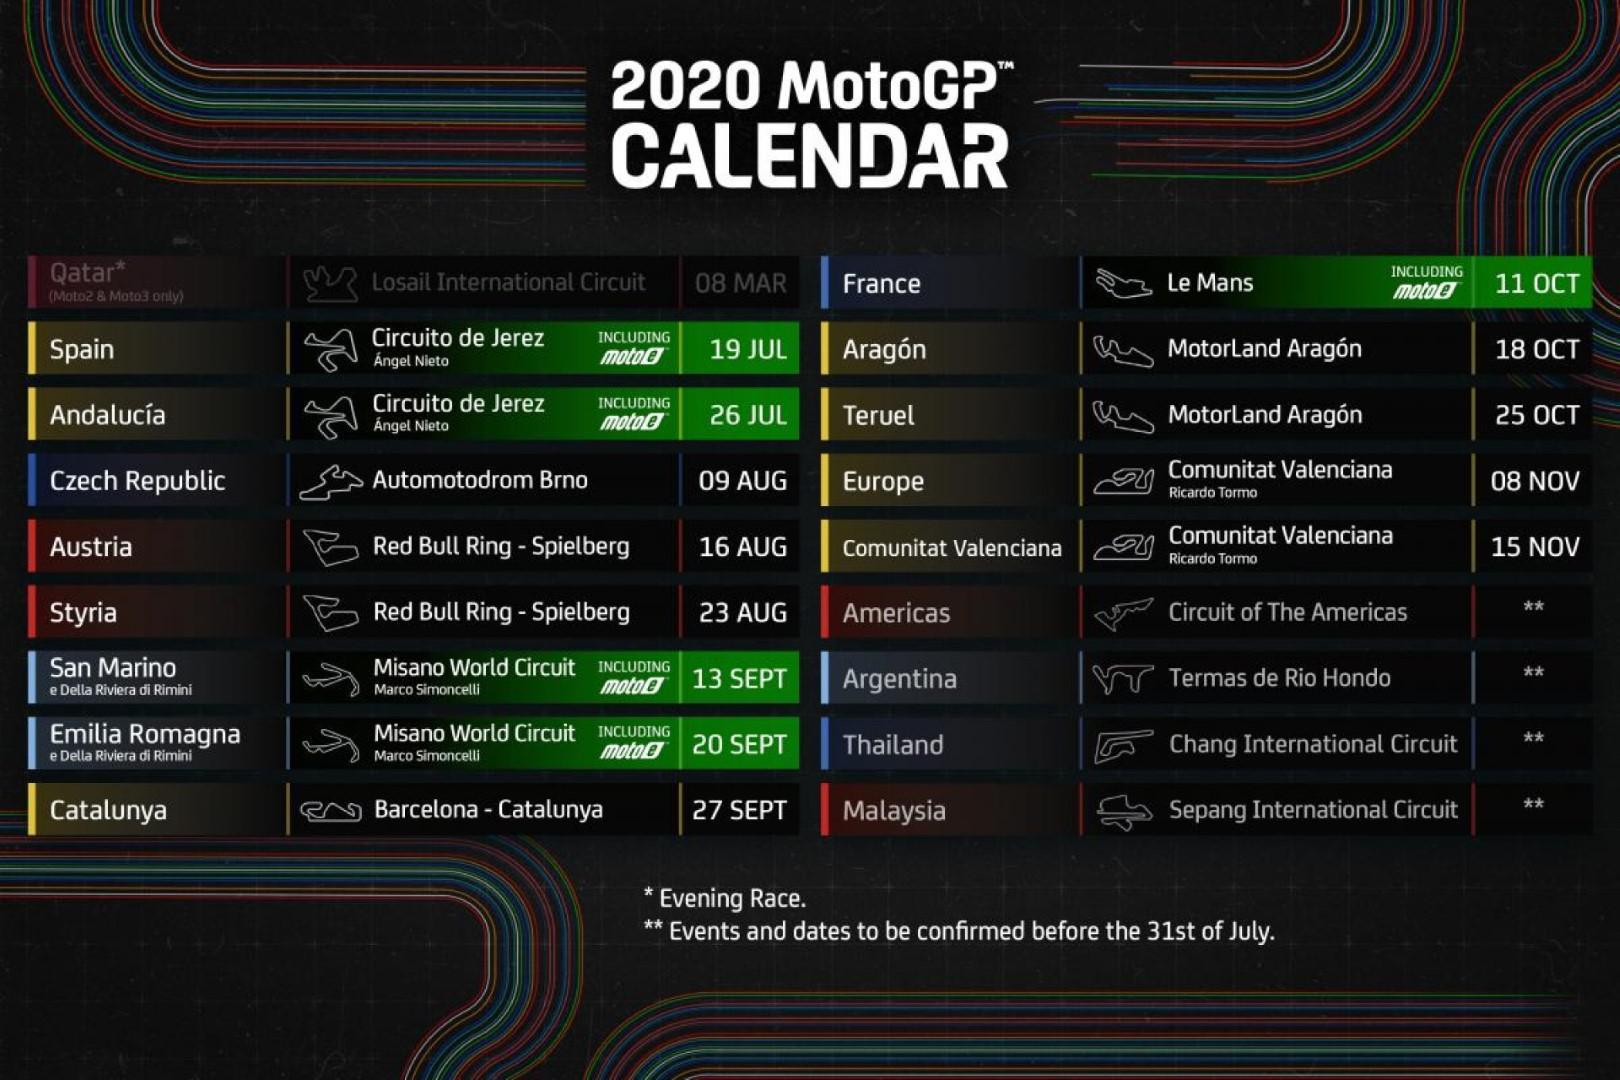 Moto GP : La saison débutera le 19 juillet à Jerez